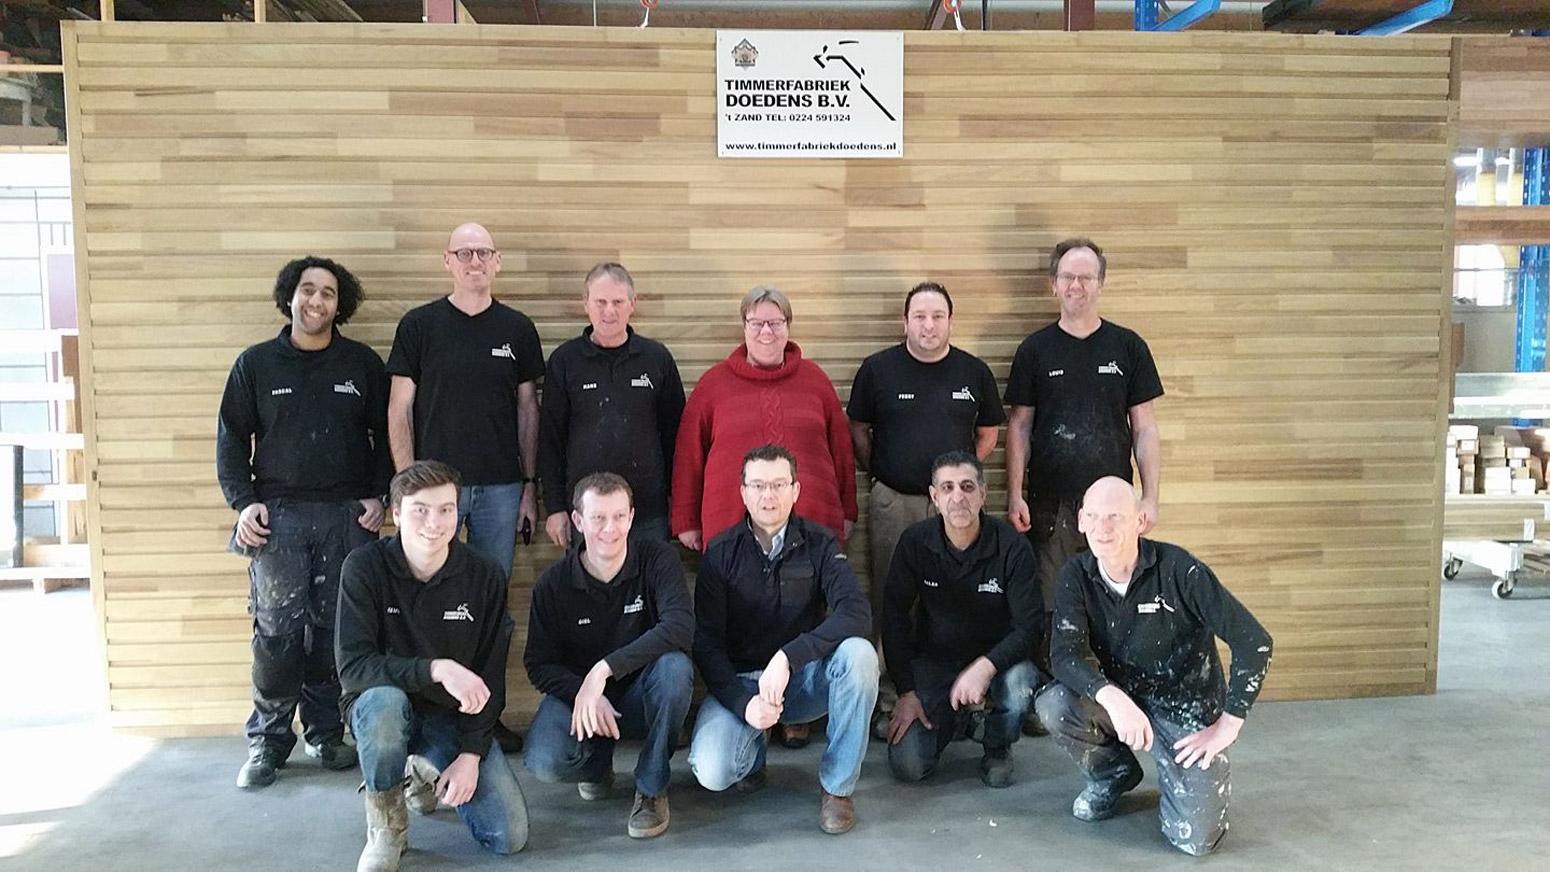 Medewerkers Timmerfabriek Doedens B.V. 't Zand